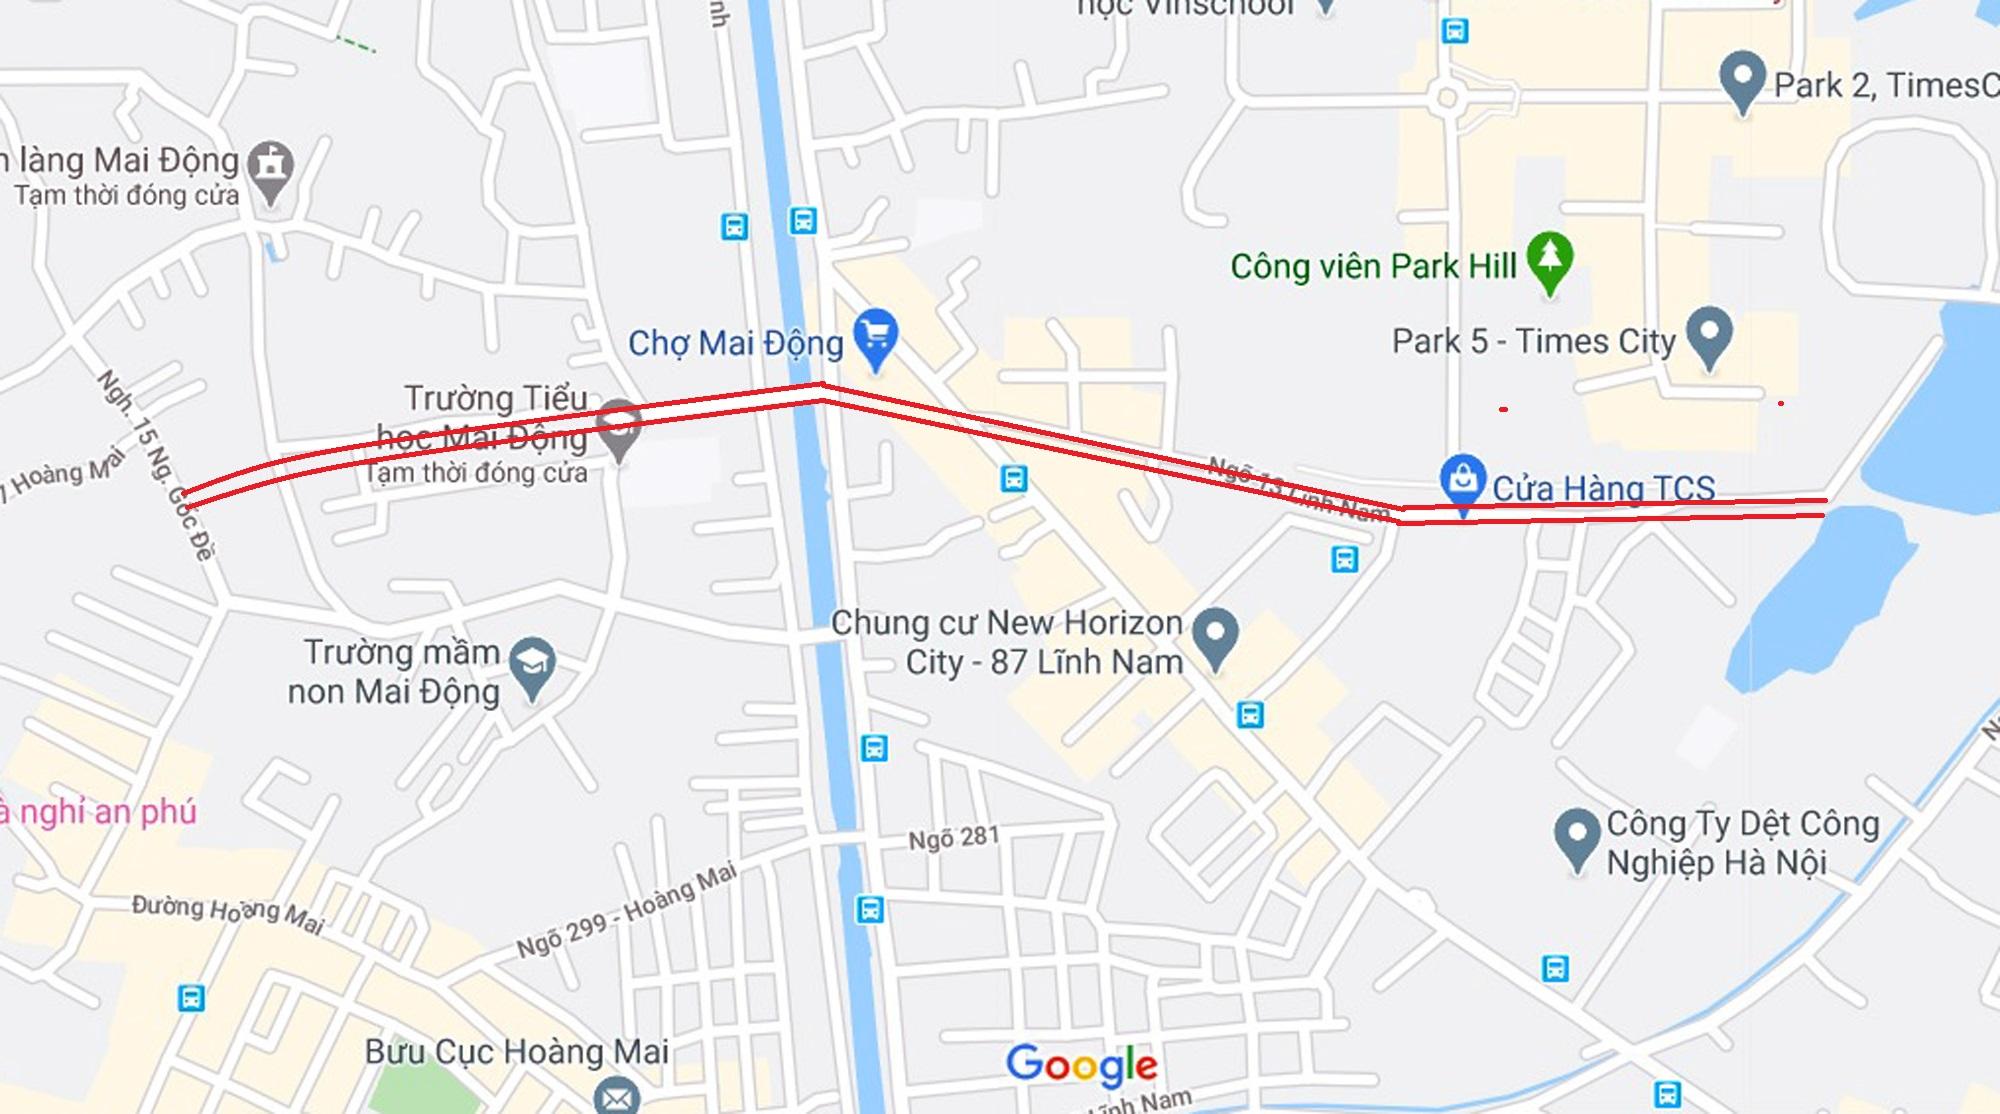 Ba đường sẽ mở theo qui hoạch ở phường Mai Động, Hoàng Mai, Hà Nội - Ảnh 2.